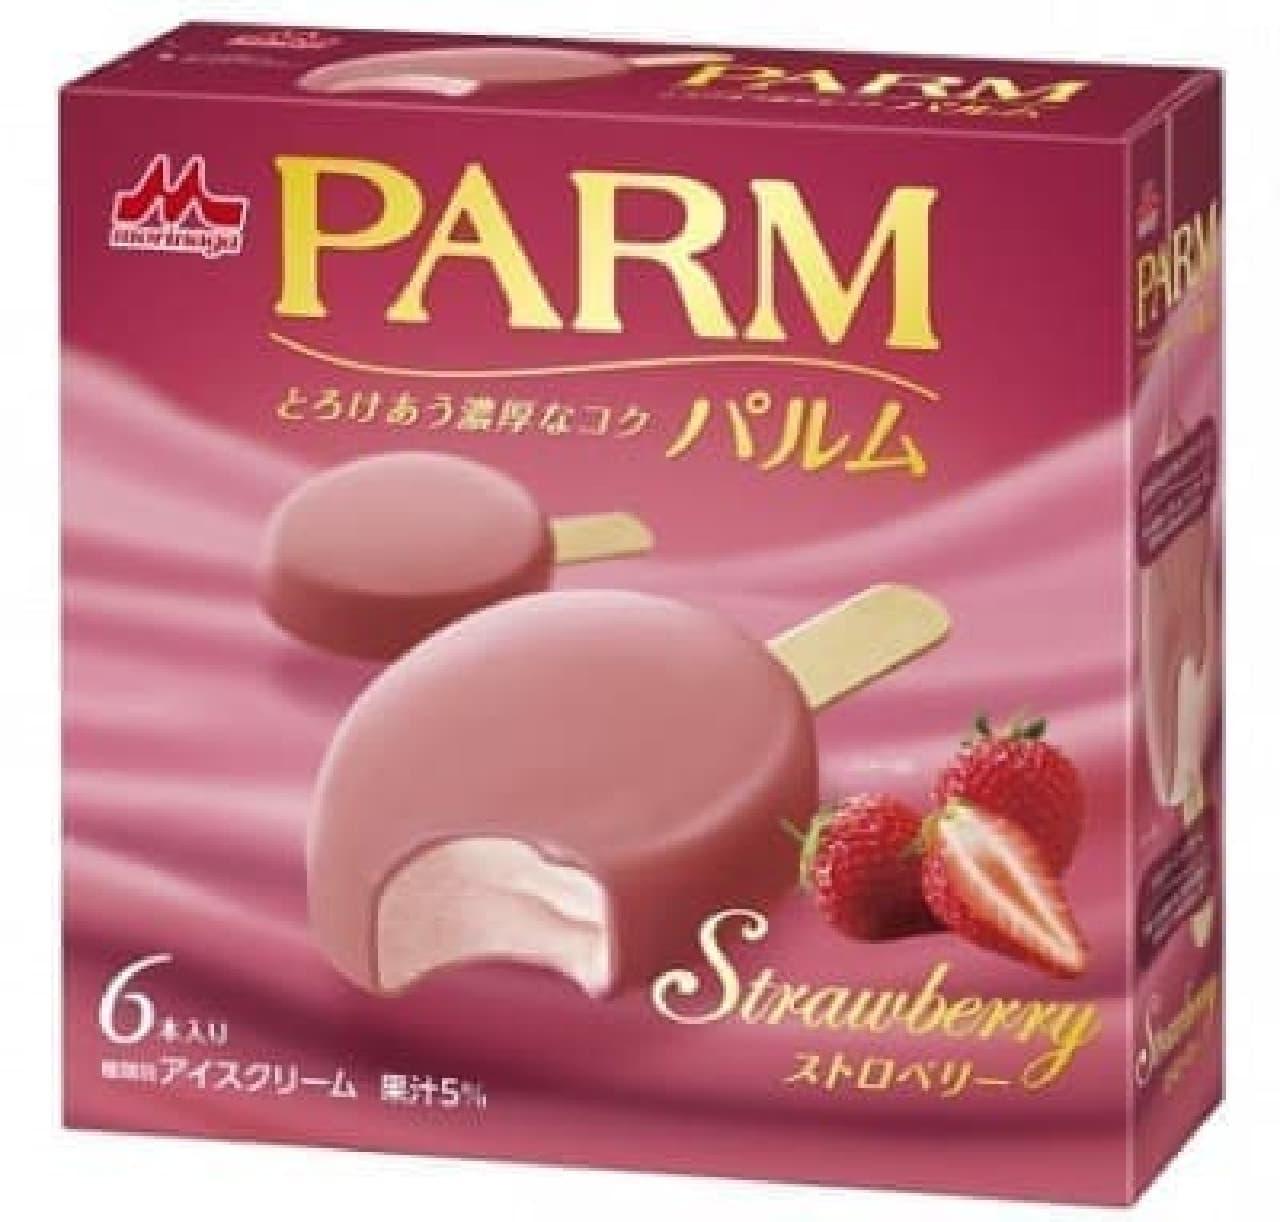 森永乳業「PARM(パルム) ストロベリー」